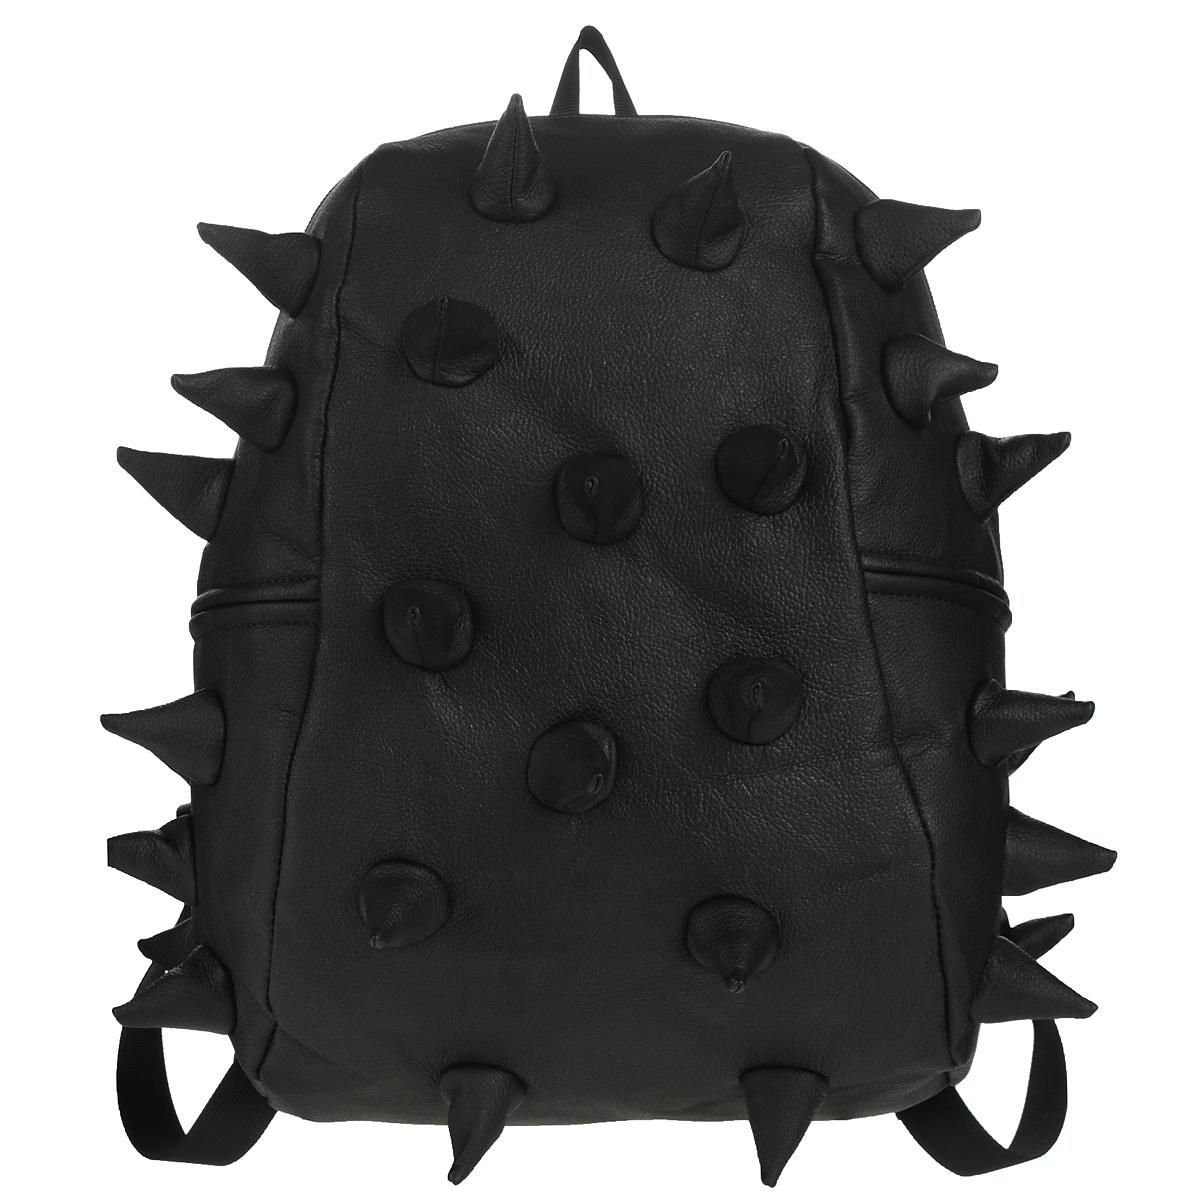 """Рюкзак городской MadPax Rex Half, цвет: черный, 16 лKZ24483248Городской рюкзак MadPax Rex Half - это стильный и практичный аксессуар, который станет незаменимым в ритме большого города. Верх рюкзака выполнен из 100% полиуретана, шипы придают изделию неповторимый дизайн. Подкладка изготовлена из нейлона. Рюкзак имеет одно основное отделение на застежке-молнии. Внутрь поместится ноутбук с диагональю экрана 13"""", iPad или бумаги формата А4. Также внутри содержится небольшой карман на молнии для мелких вещей. Модель оснащена ручкой для переноски в руке, а также широкими плечевыми лямками, которые можно регулировать по длине. Мягкая ортопедическая спинка создает дополнительный комфорт вашей спине и делает ношение рюкзака более удобным. Сзади расположен кармашек из прозрачного ПВХ для визитки. MadPax - это крутые рюкзаки в стиле фанк, которые своим неповторимым дизайном бросают вызов монотонности и скуке. Эти уникальные рюкзаки помогают детям всех возрастов самовыражаться, а их внутренняя структура с отделениями, карманами и..."""